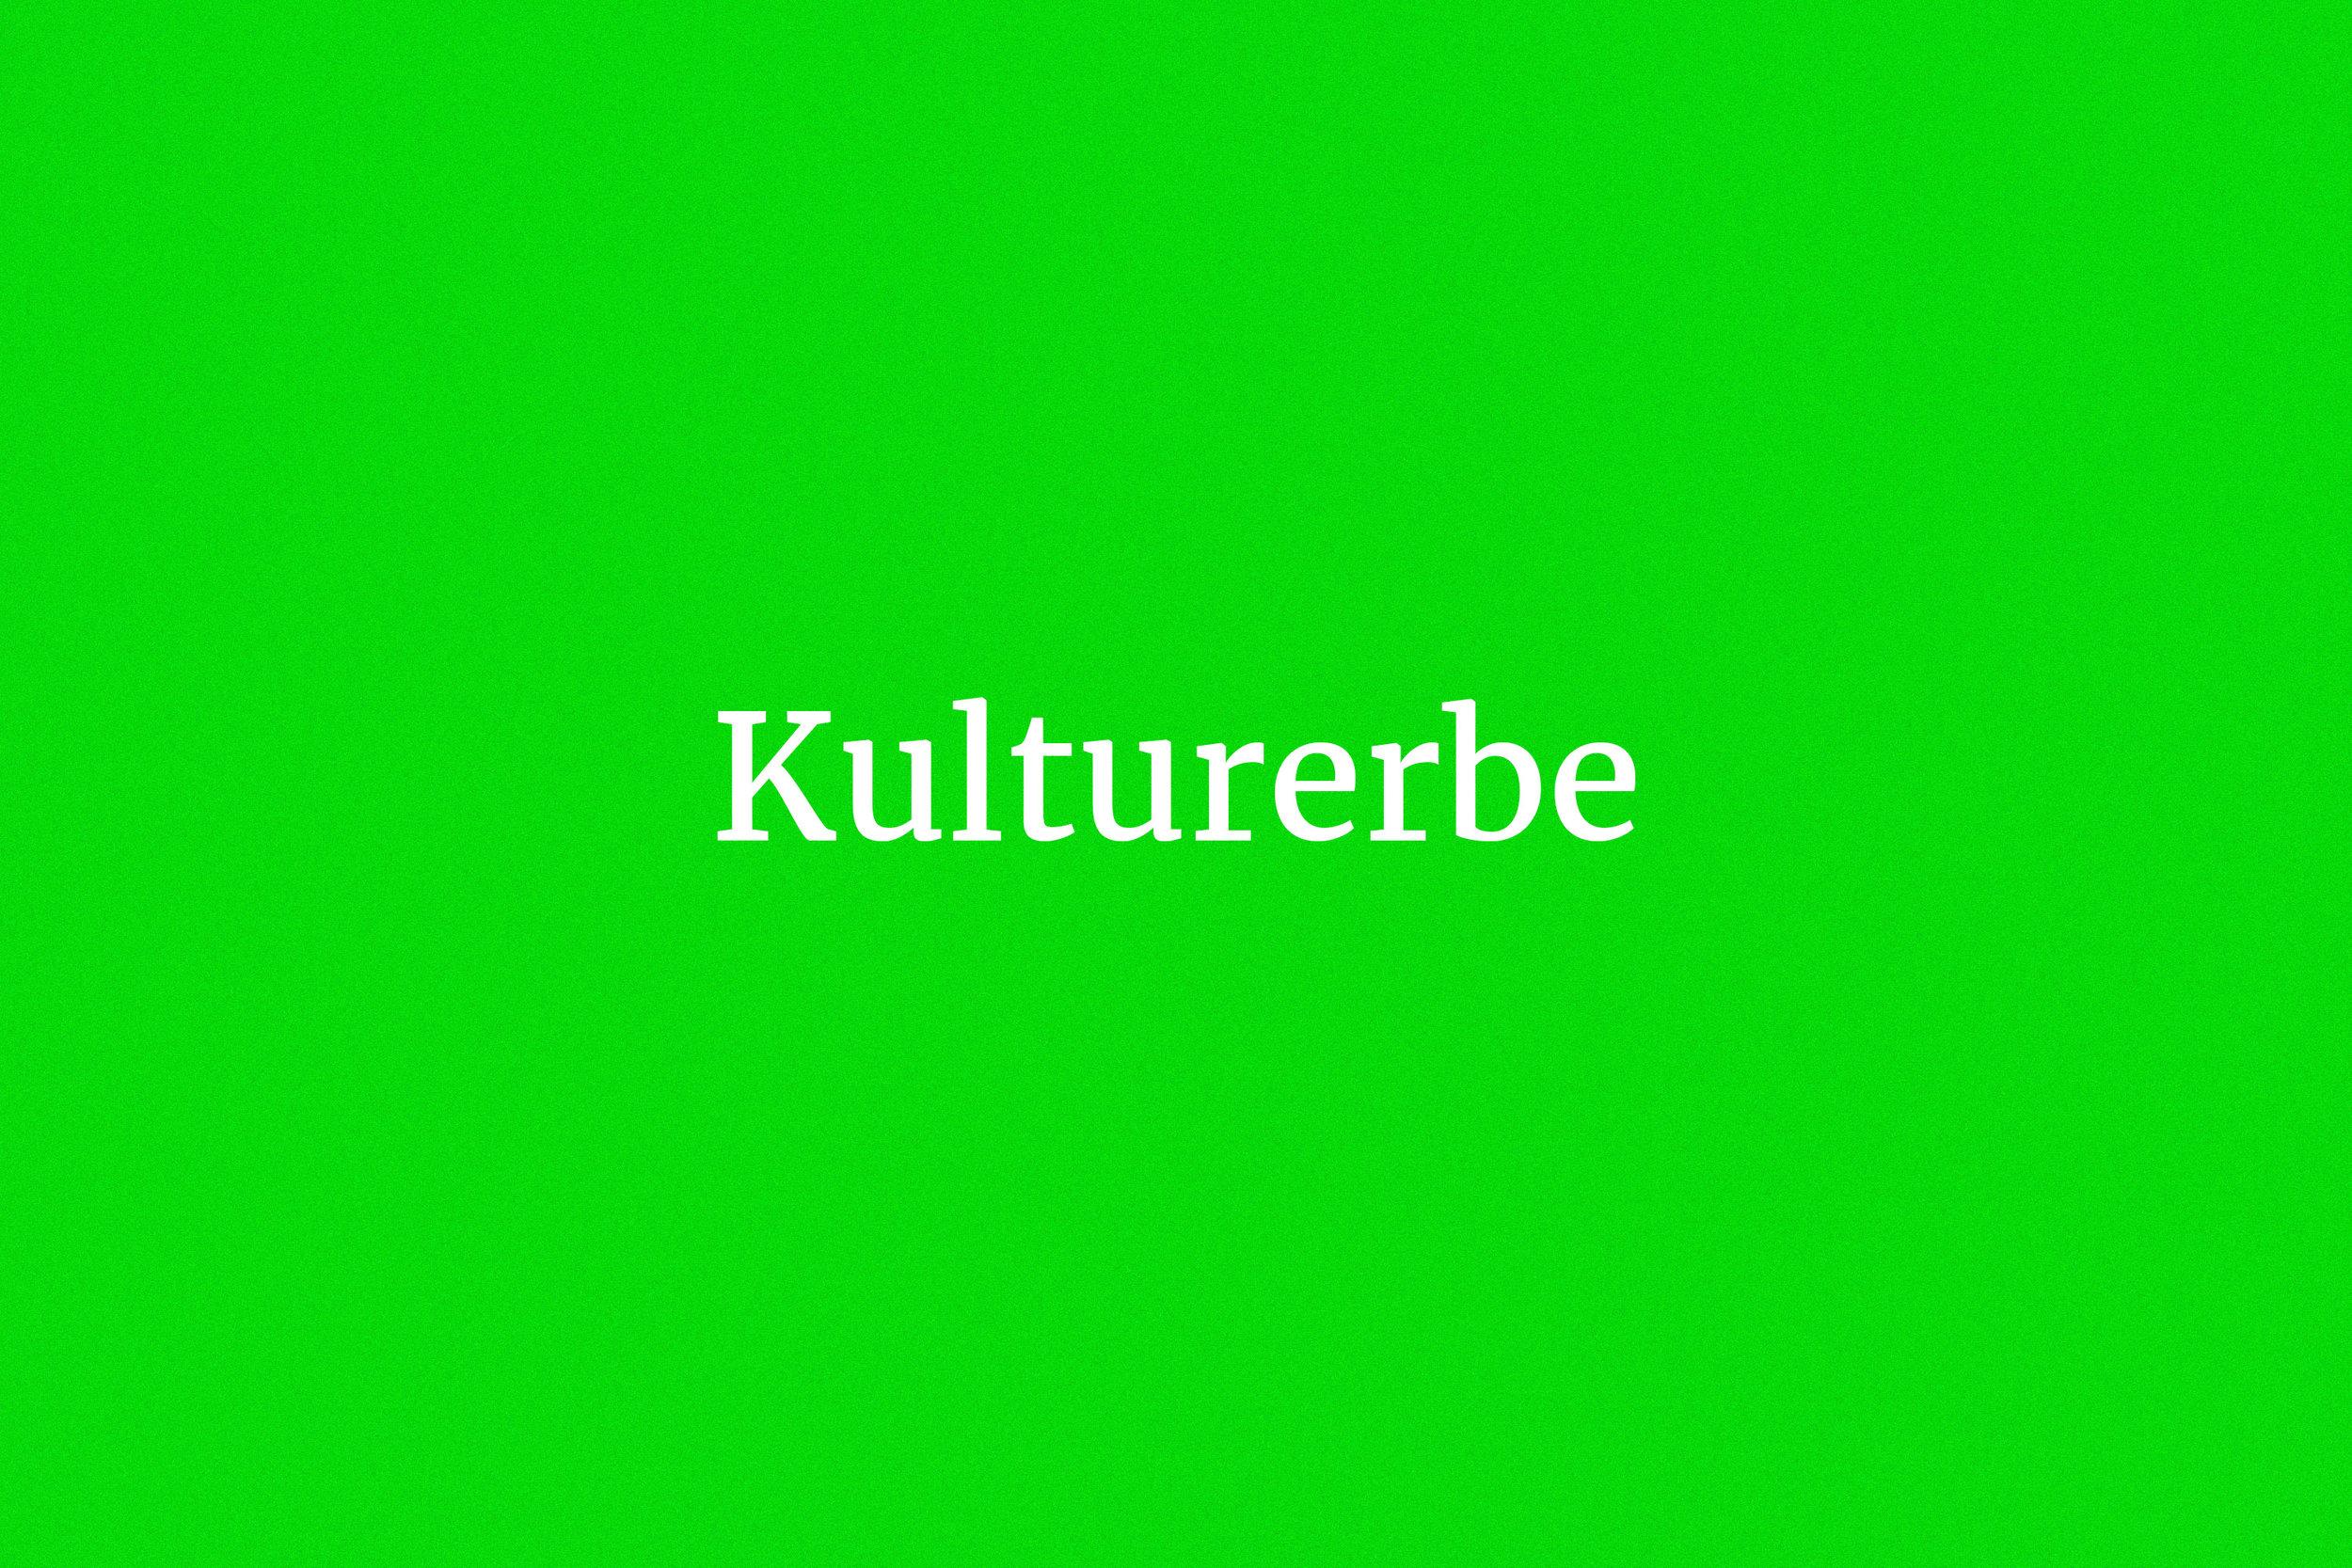 Culture Concepts_Kulturerbe.jpg